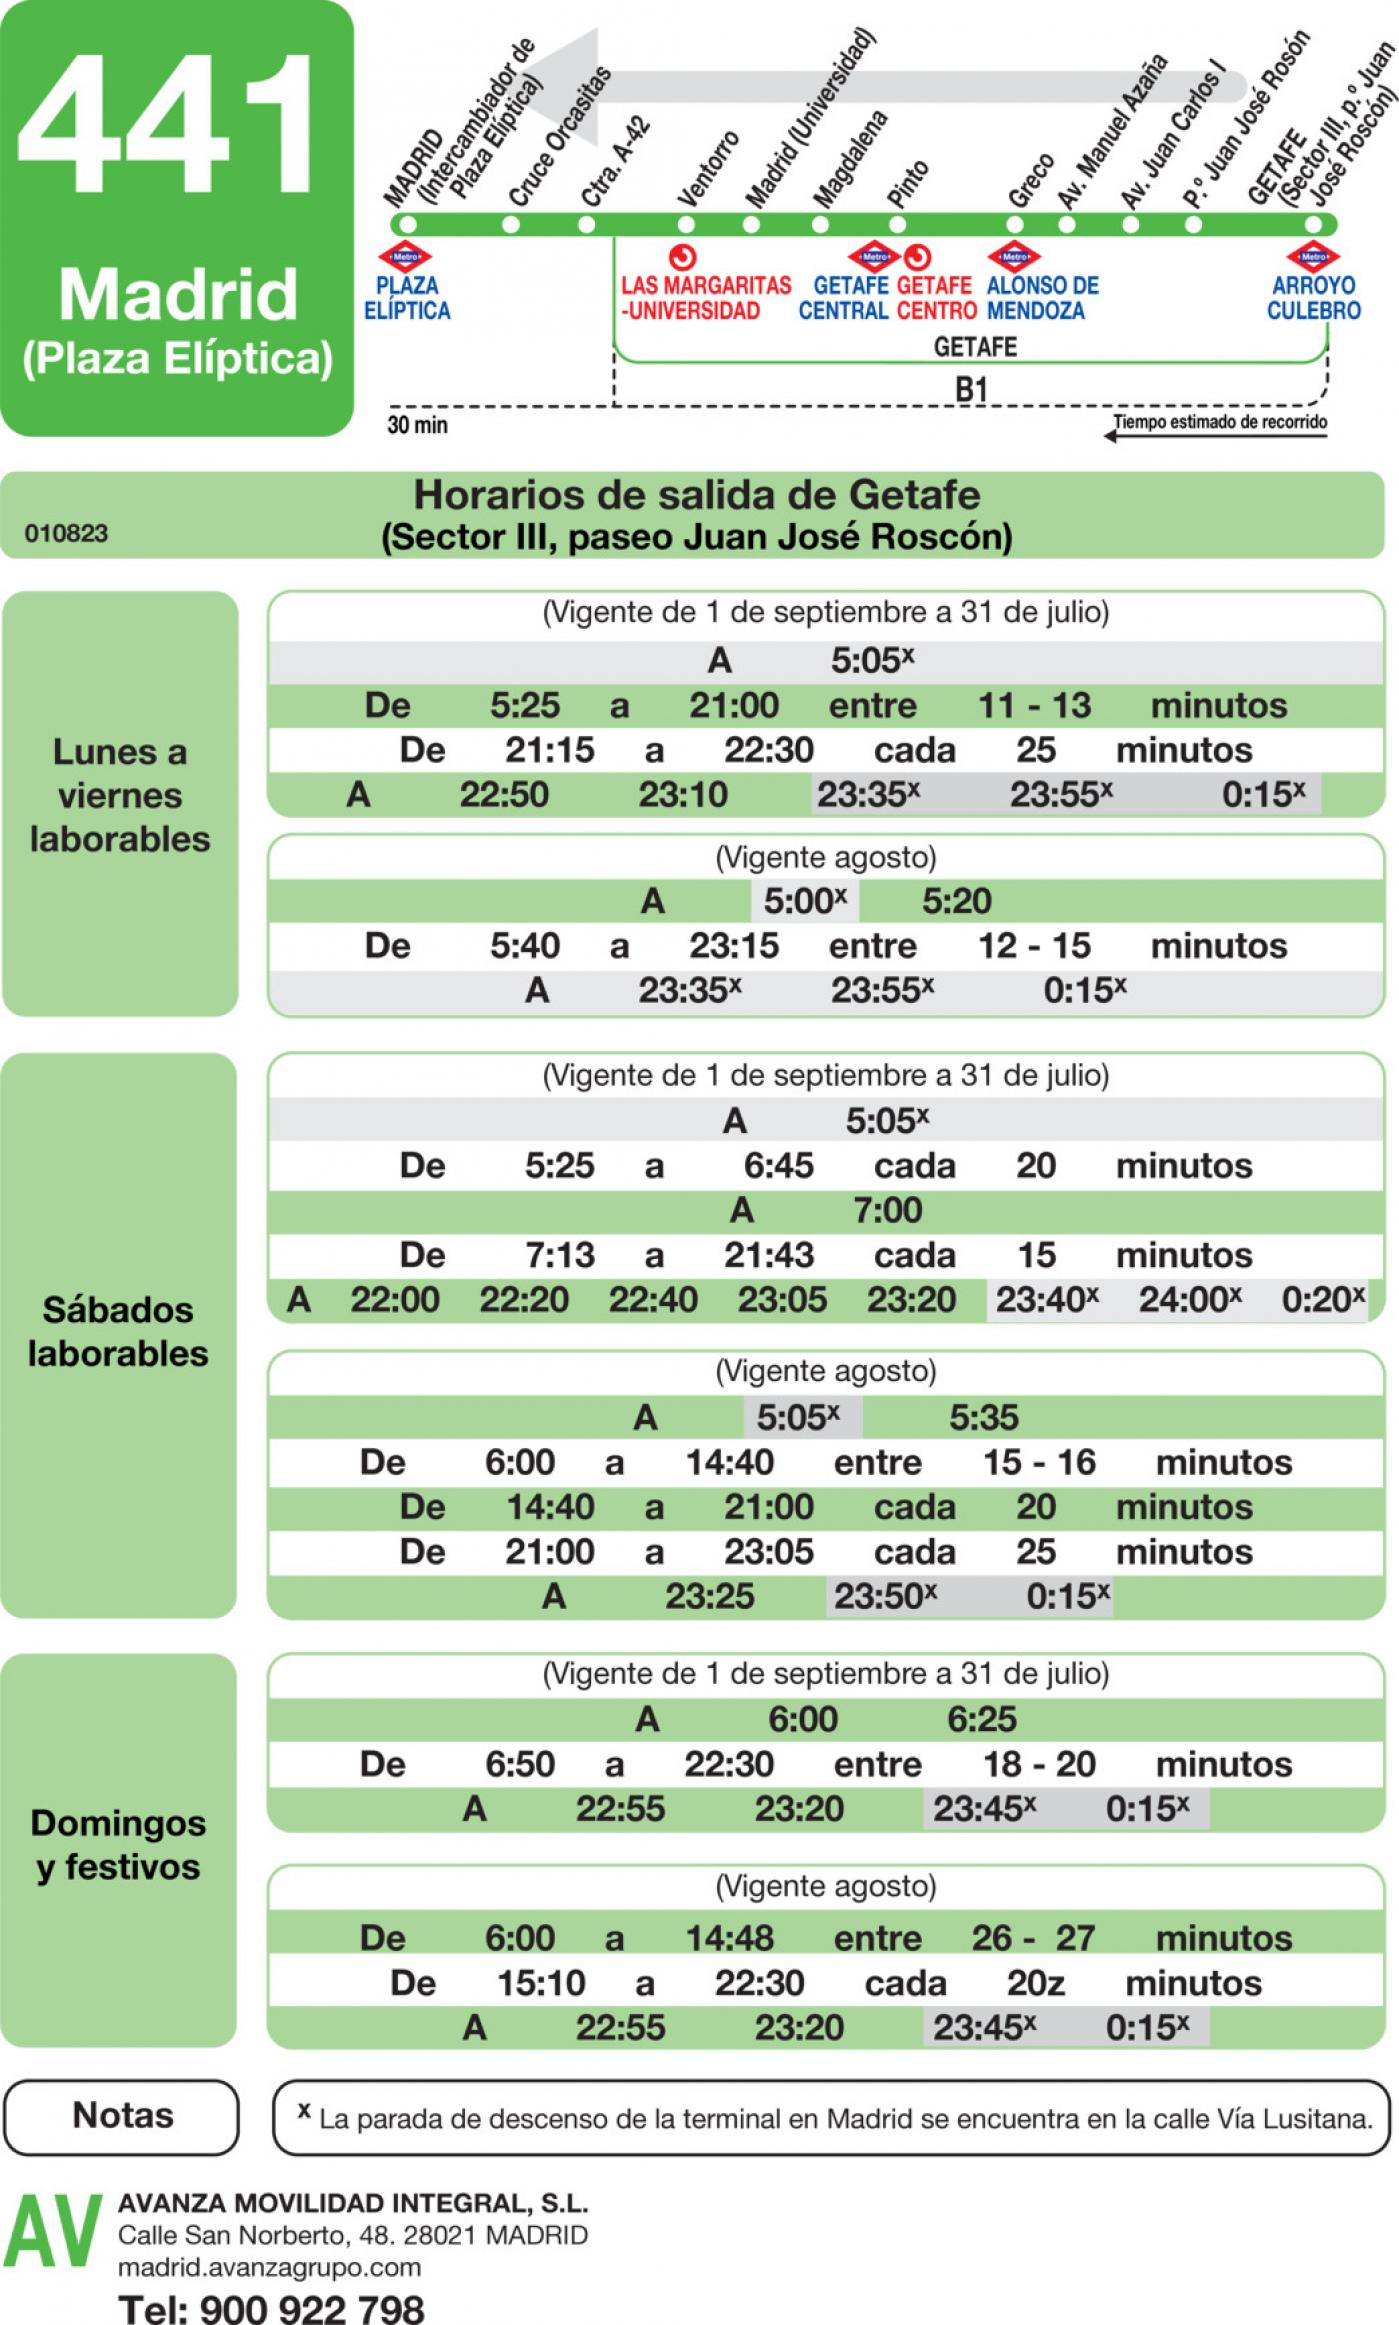 Tabla de horarios y frecuencias de paso en sentido vuelta Línea 441: Madrid (Plaza Elíptica) - Getafe (Sector III - Paseo Juan José Rosón)